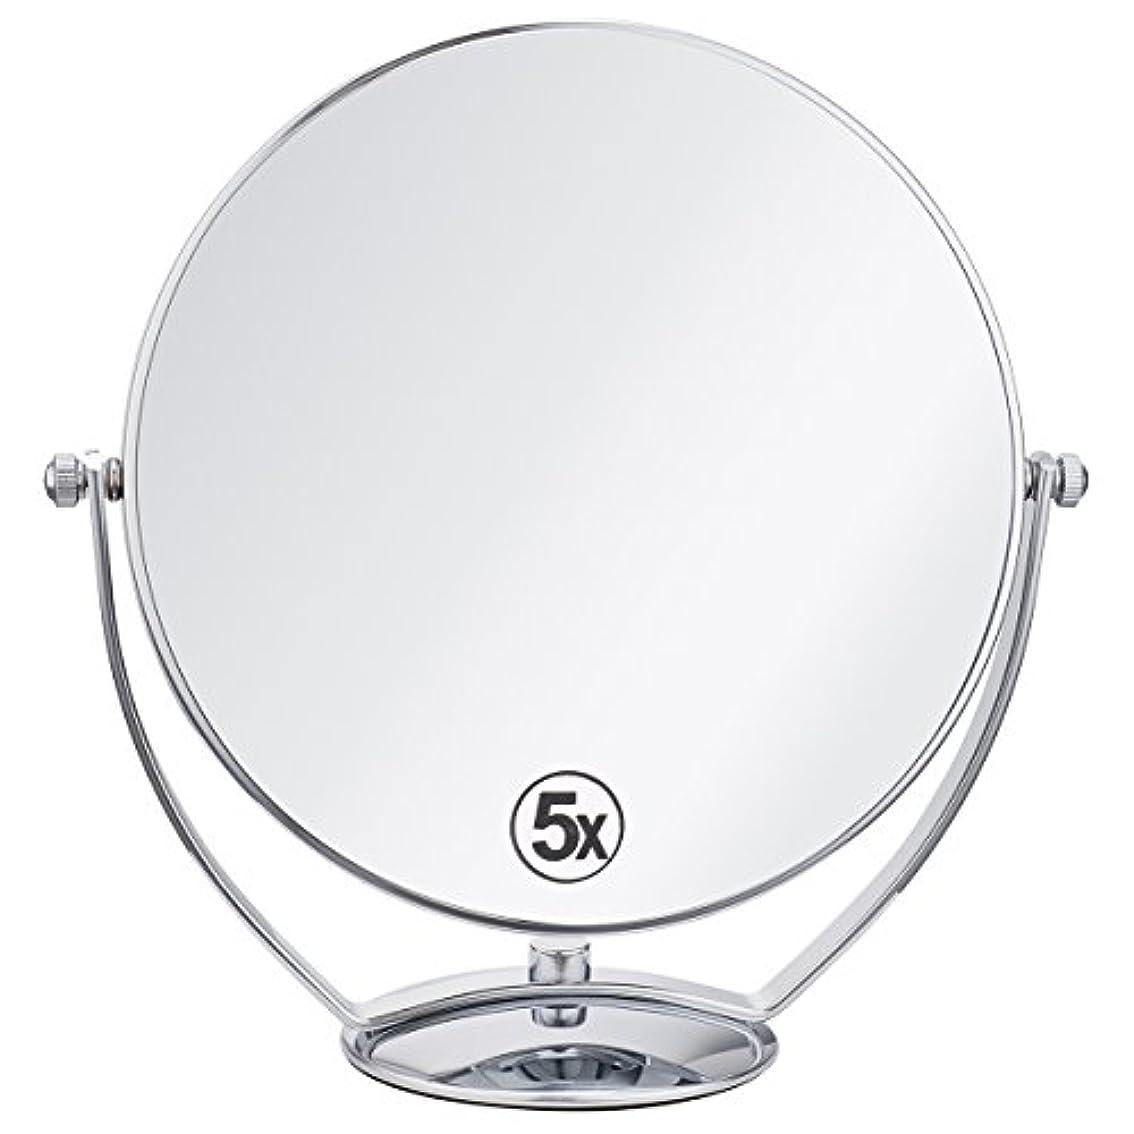 免疫民兵値する(セーディコ)Cerdeco 西洋風鏡 真実の両面鏡DX 5倍拡大鏡+等倍鏡 両面化粧鏡 360度回転 卓上鏡 スタンドミラー メイク道具 大きい鏡面φ198mm j823